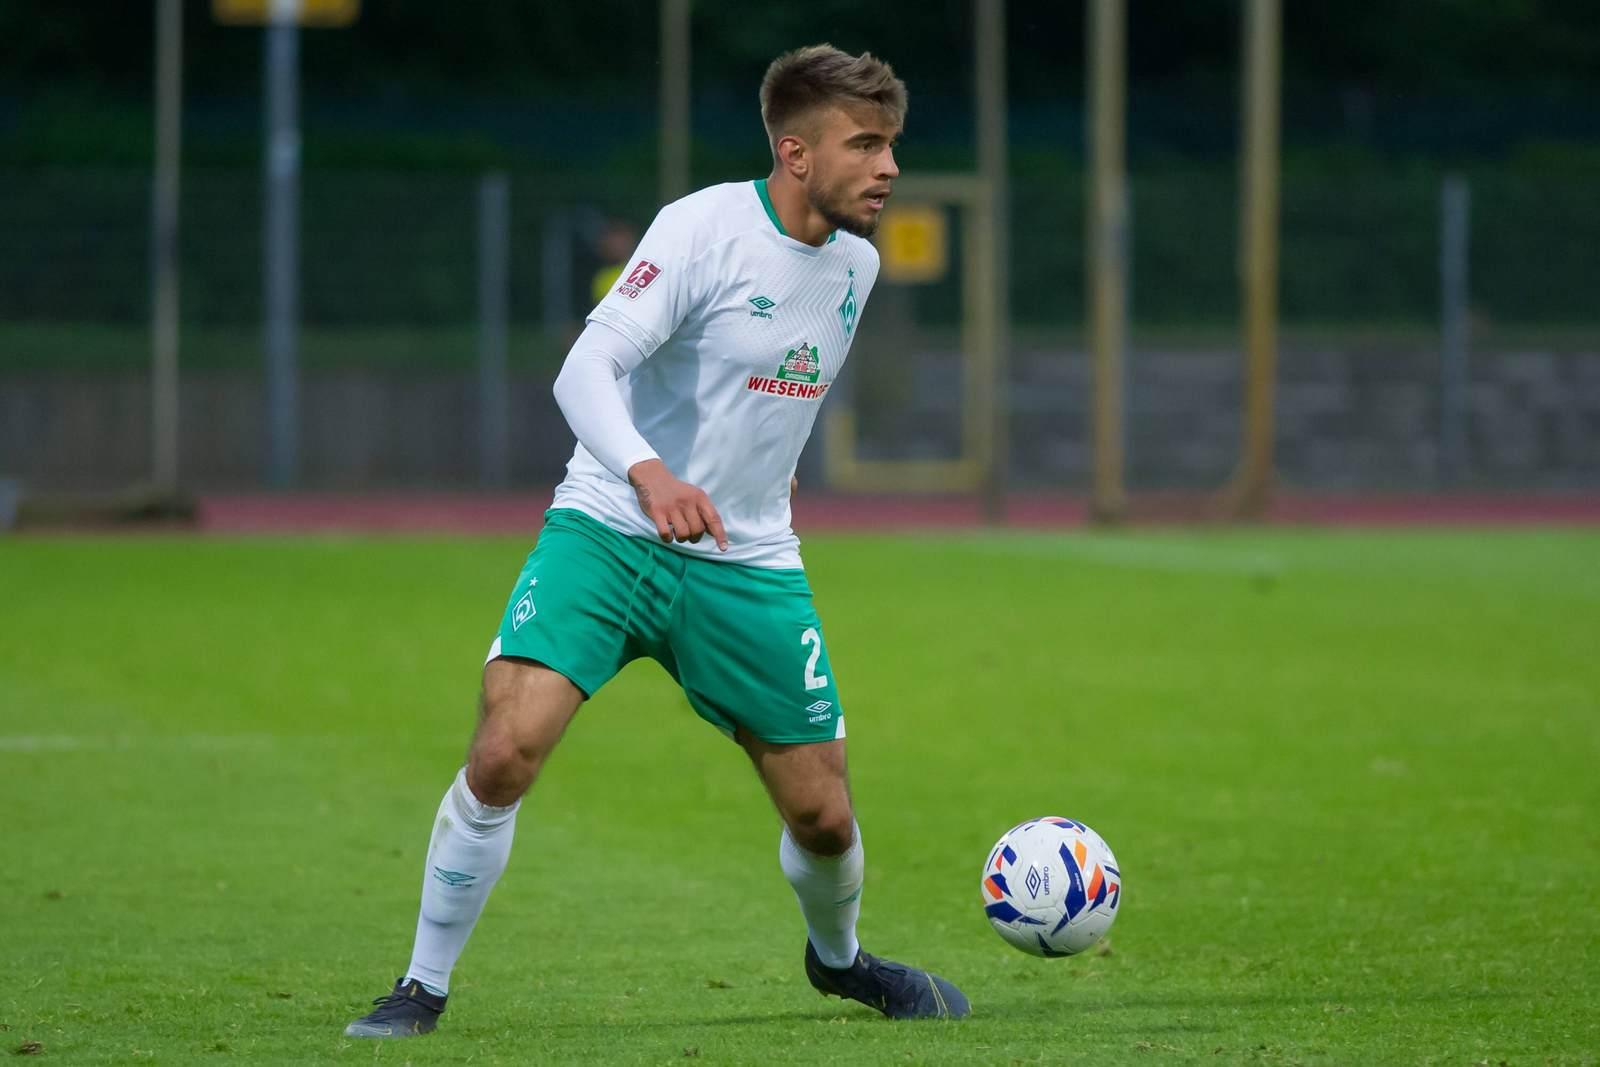 Joshua Bitter am Ball für Werder Bremen II